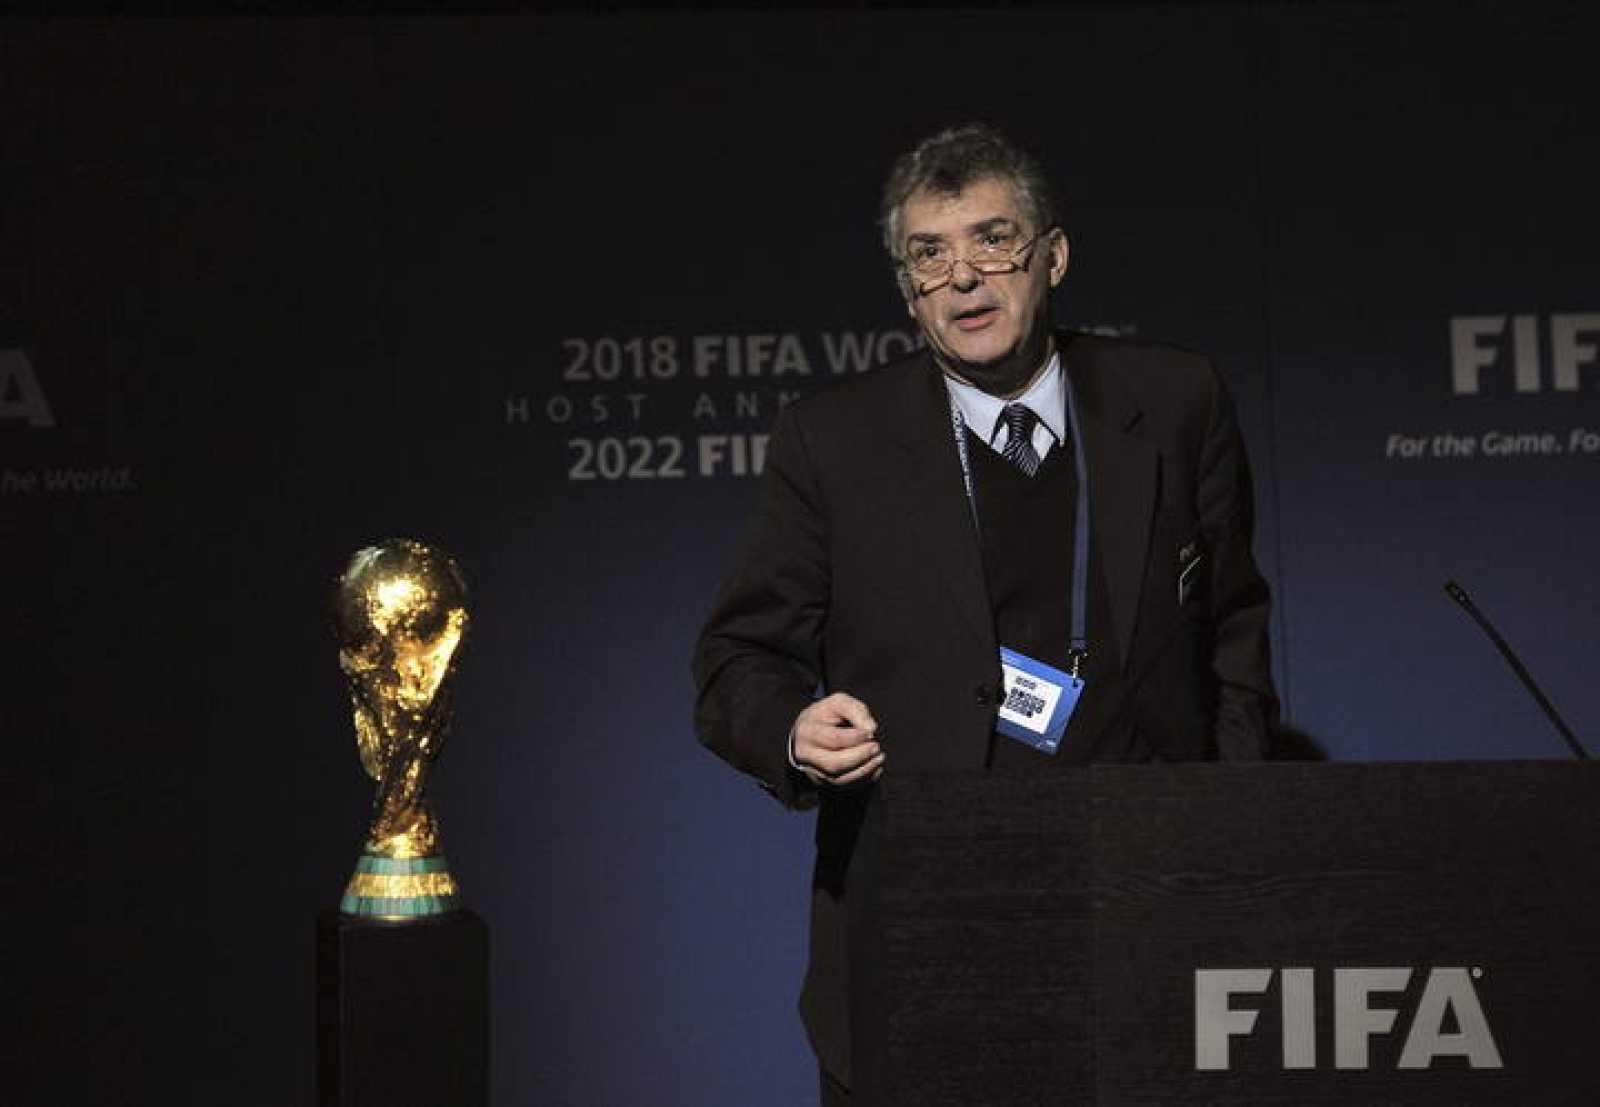 El presidente de la RFEF, Ángel María Villar, mientras defendía la candidatura ibérica ante la FIFA en Zúrich el jueves 2 de diciembre.